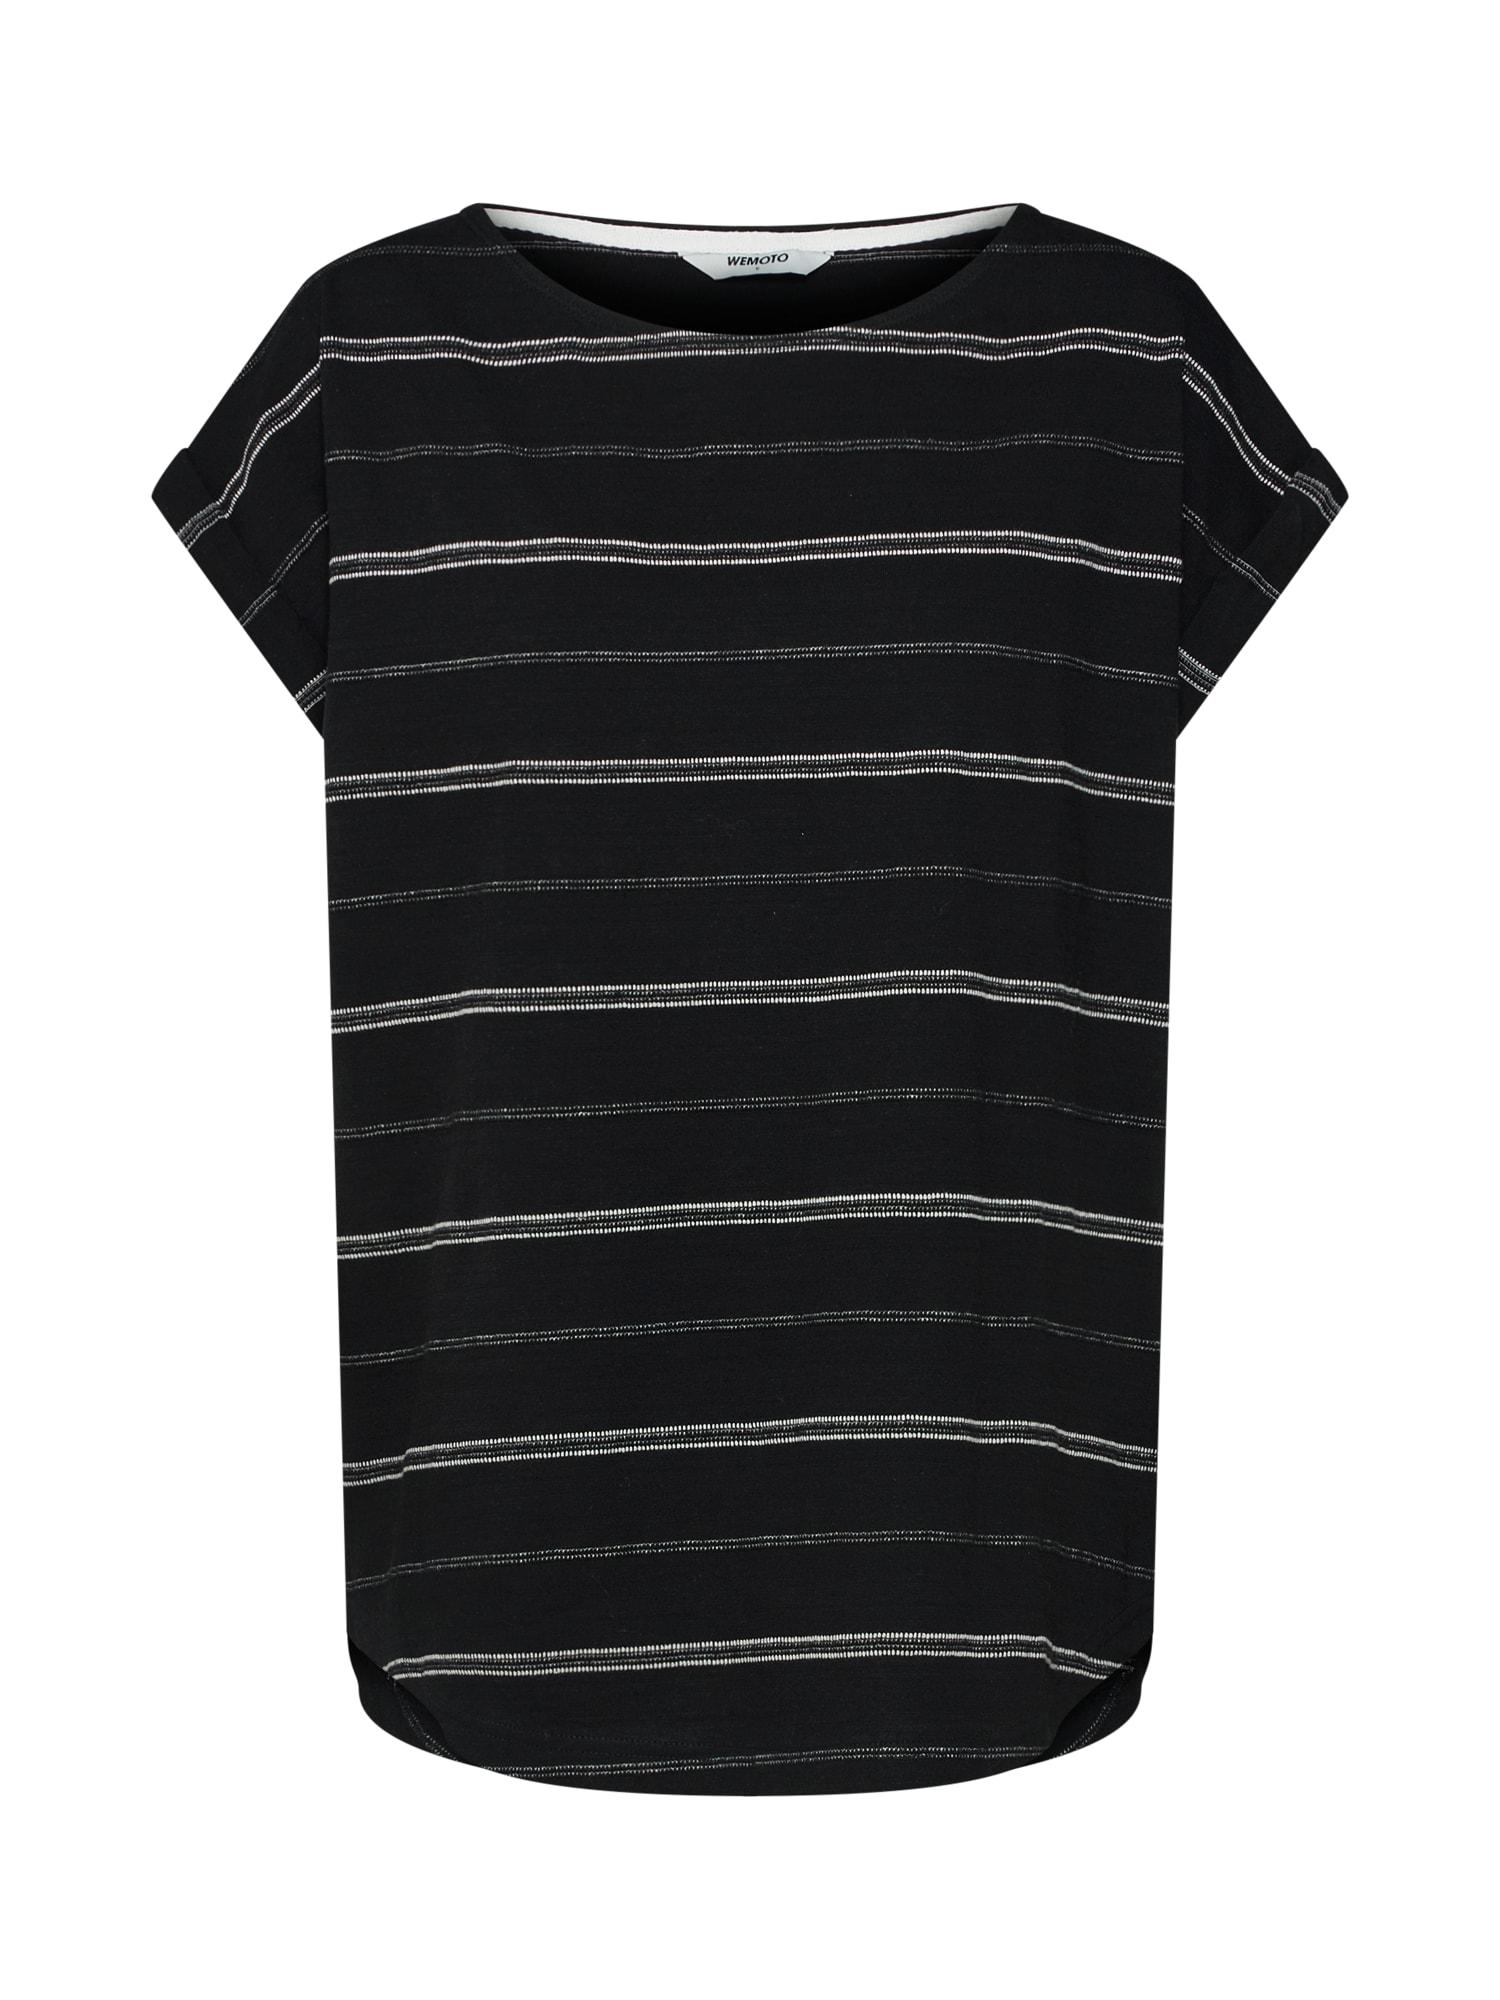 Tričko Andy šedá černá bílá Wemoto